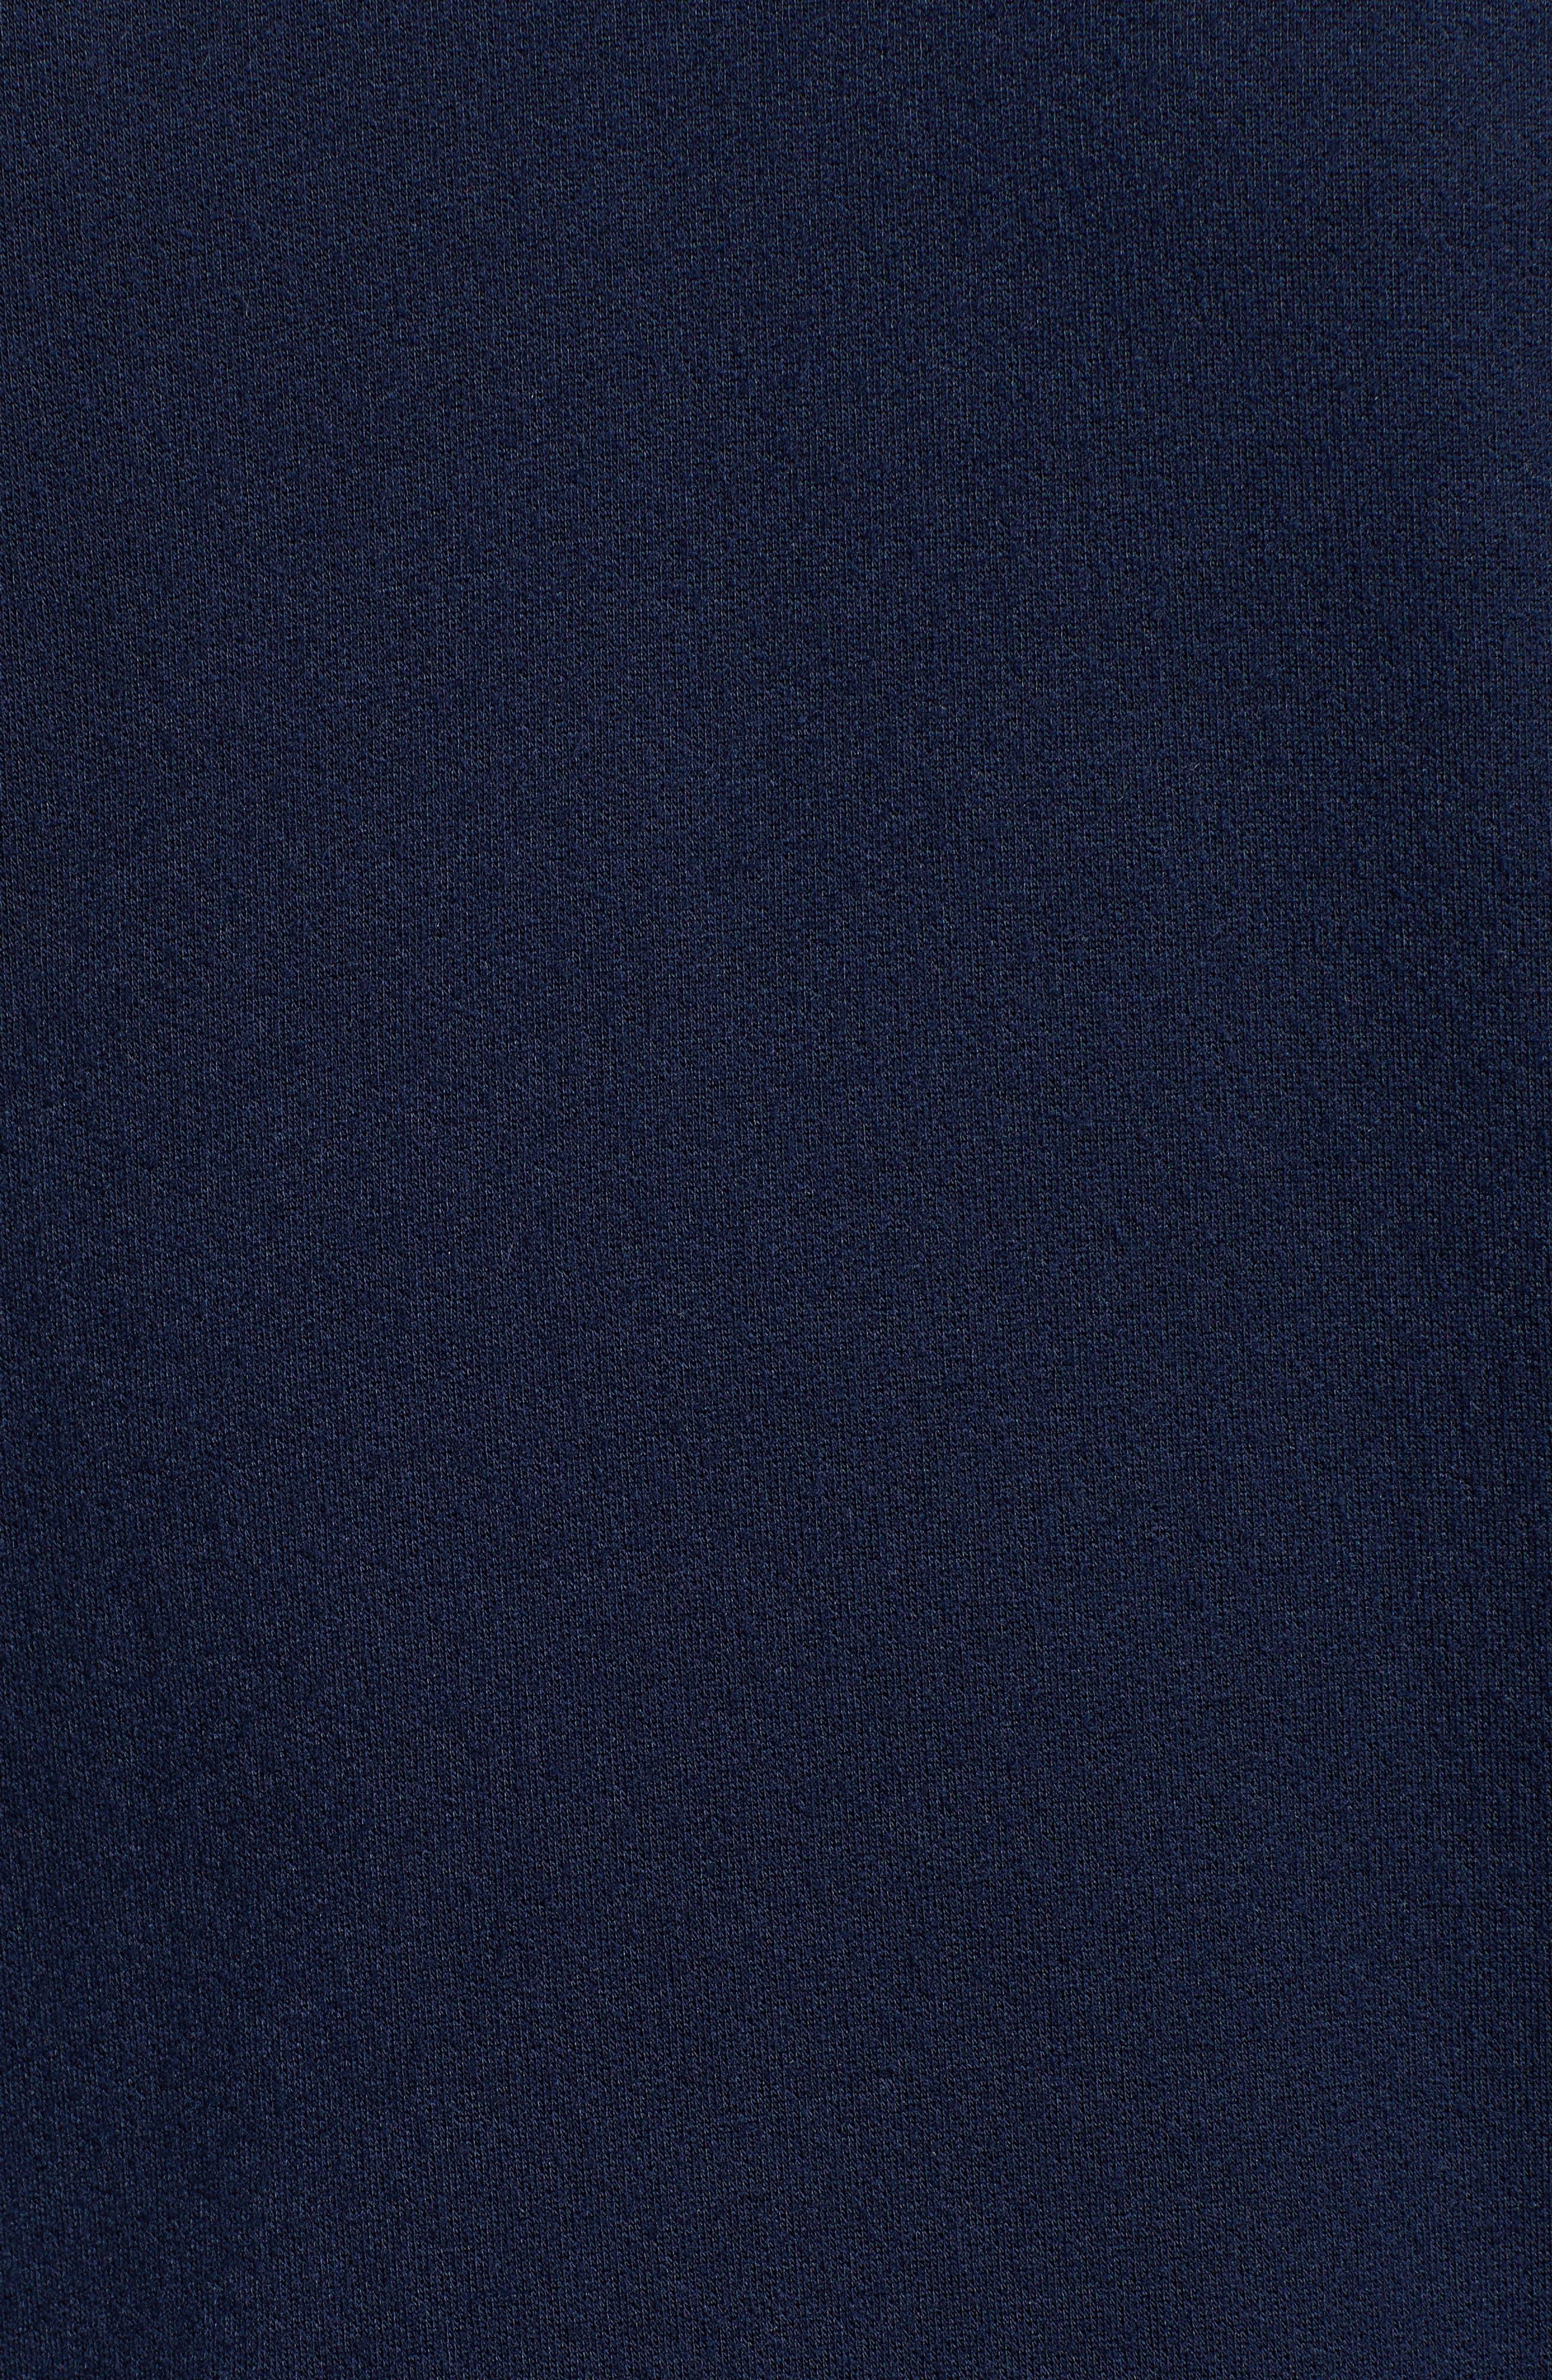 Velvet & Fleece Pullover,                             Alternate thumbnail 5, color,                             INK